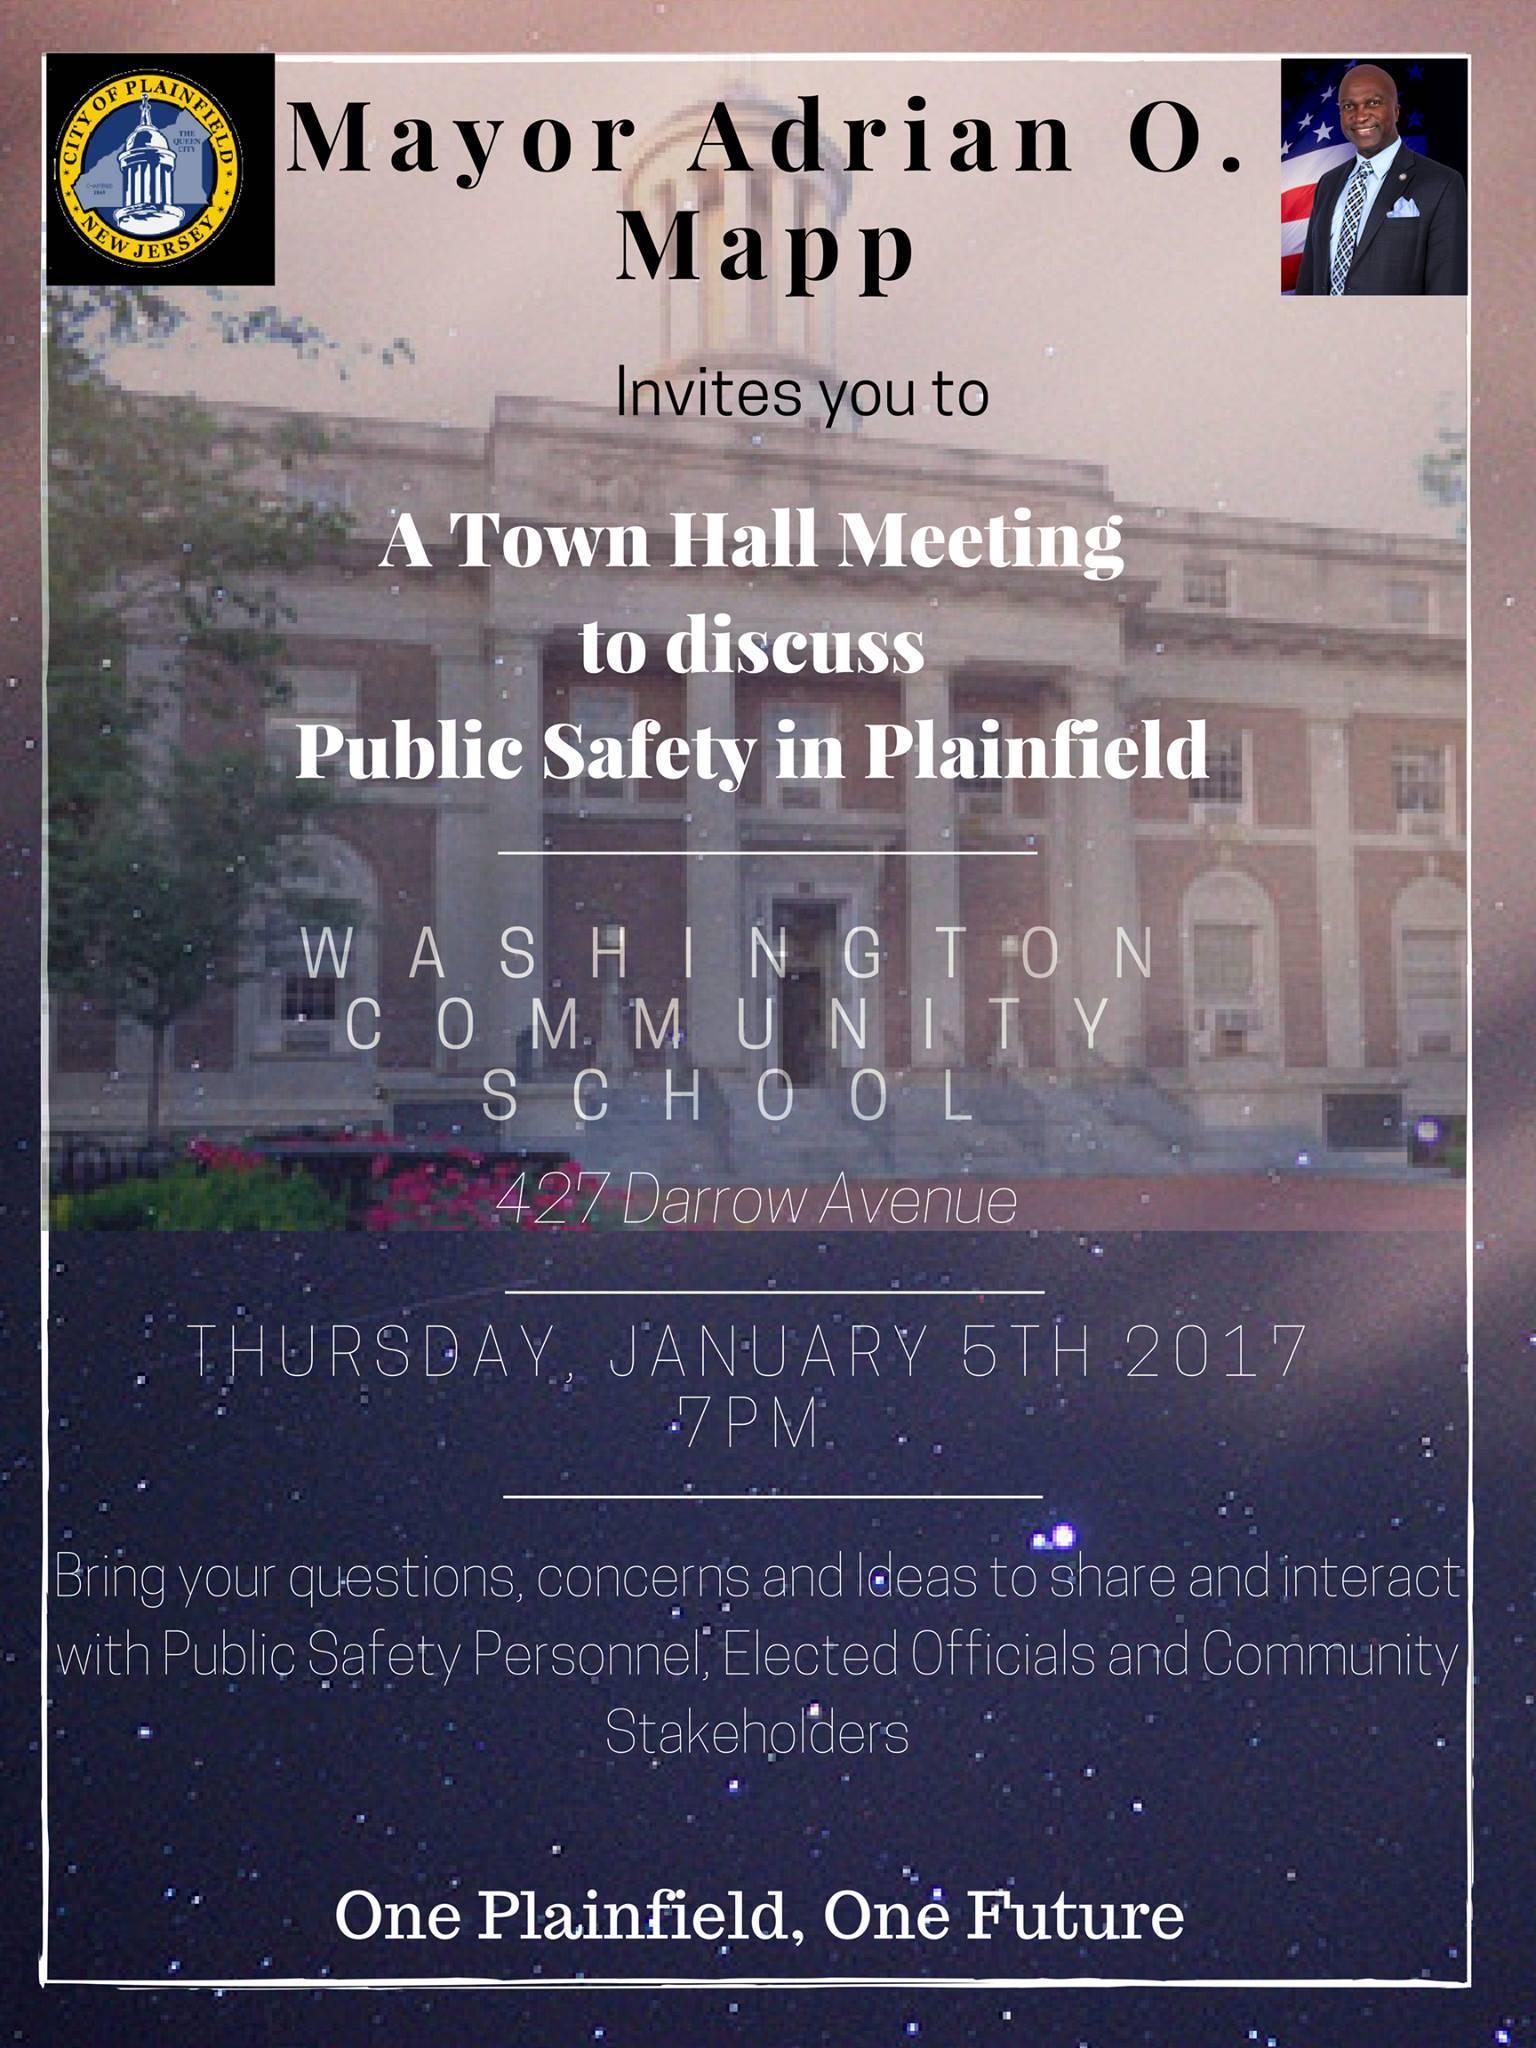 8187ffb30ef4b097ecfa_Town_Hall_Public_Safety_Meeting.jpg